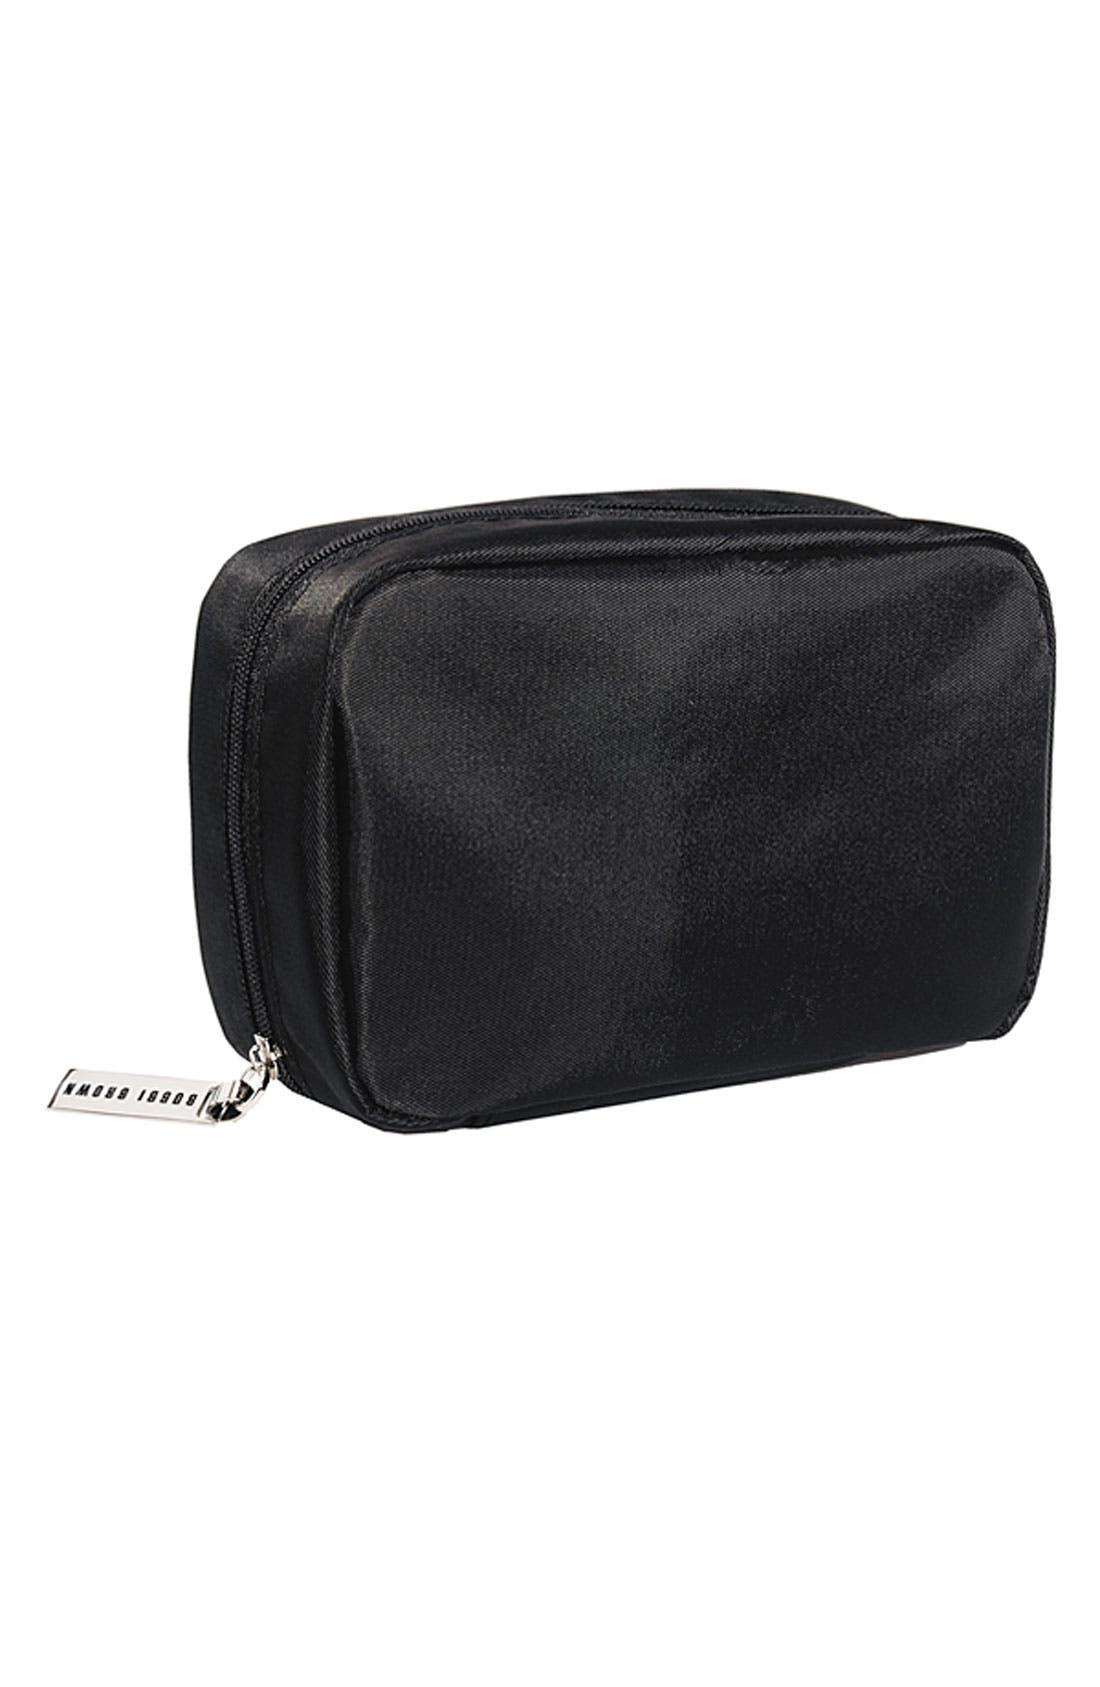 Bobbi Brown Cosmetics Bag